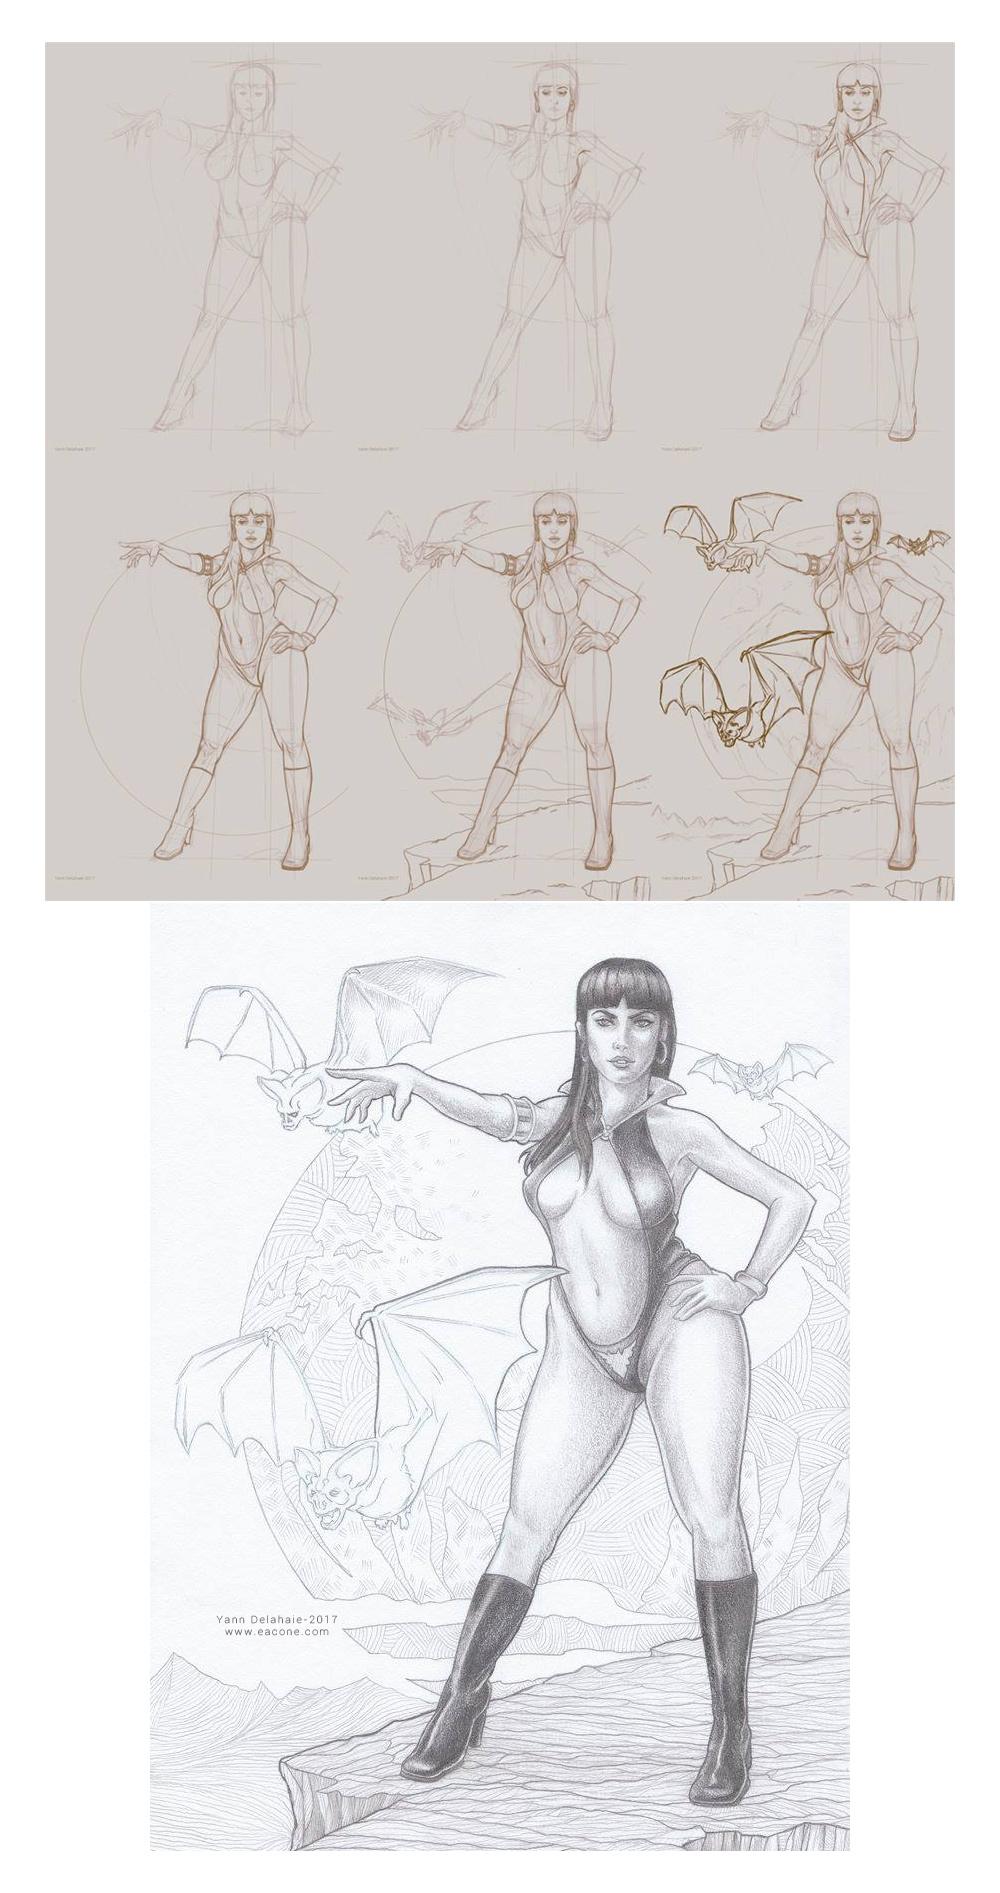 Vampirella Fanart Work in progress Yann Delahaie Illustrateur Eacone